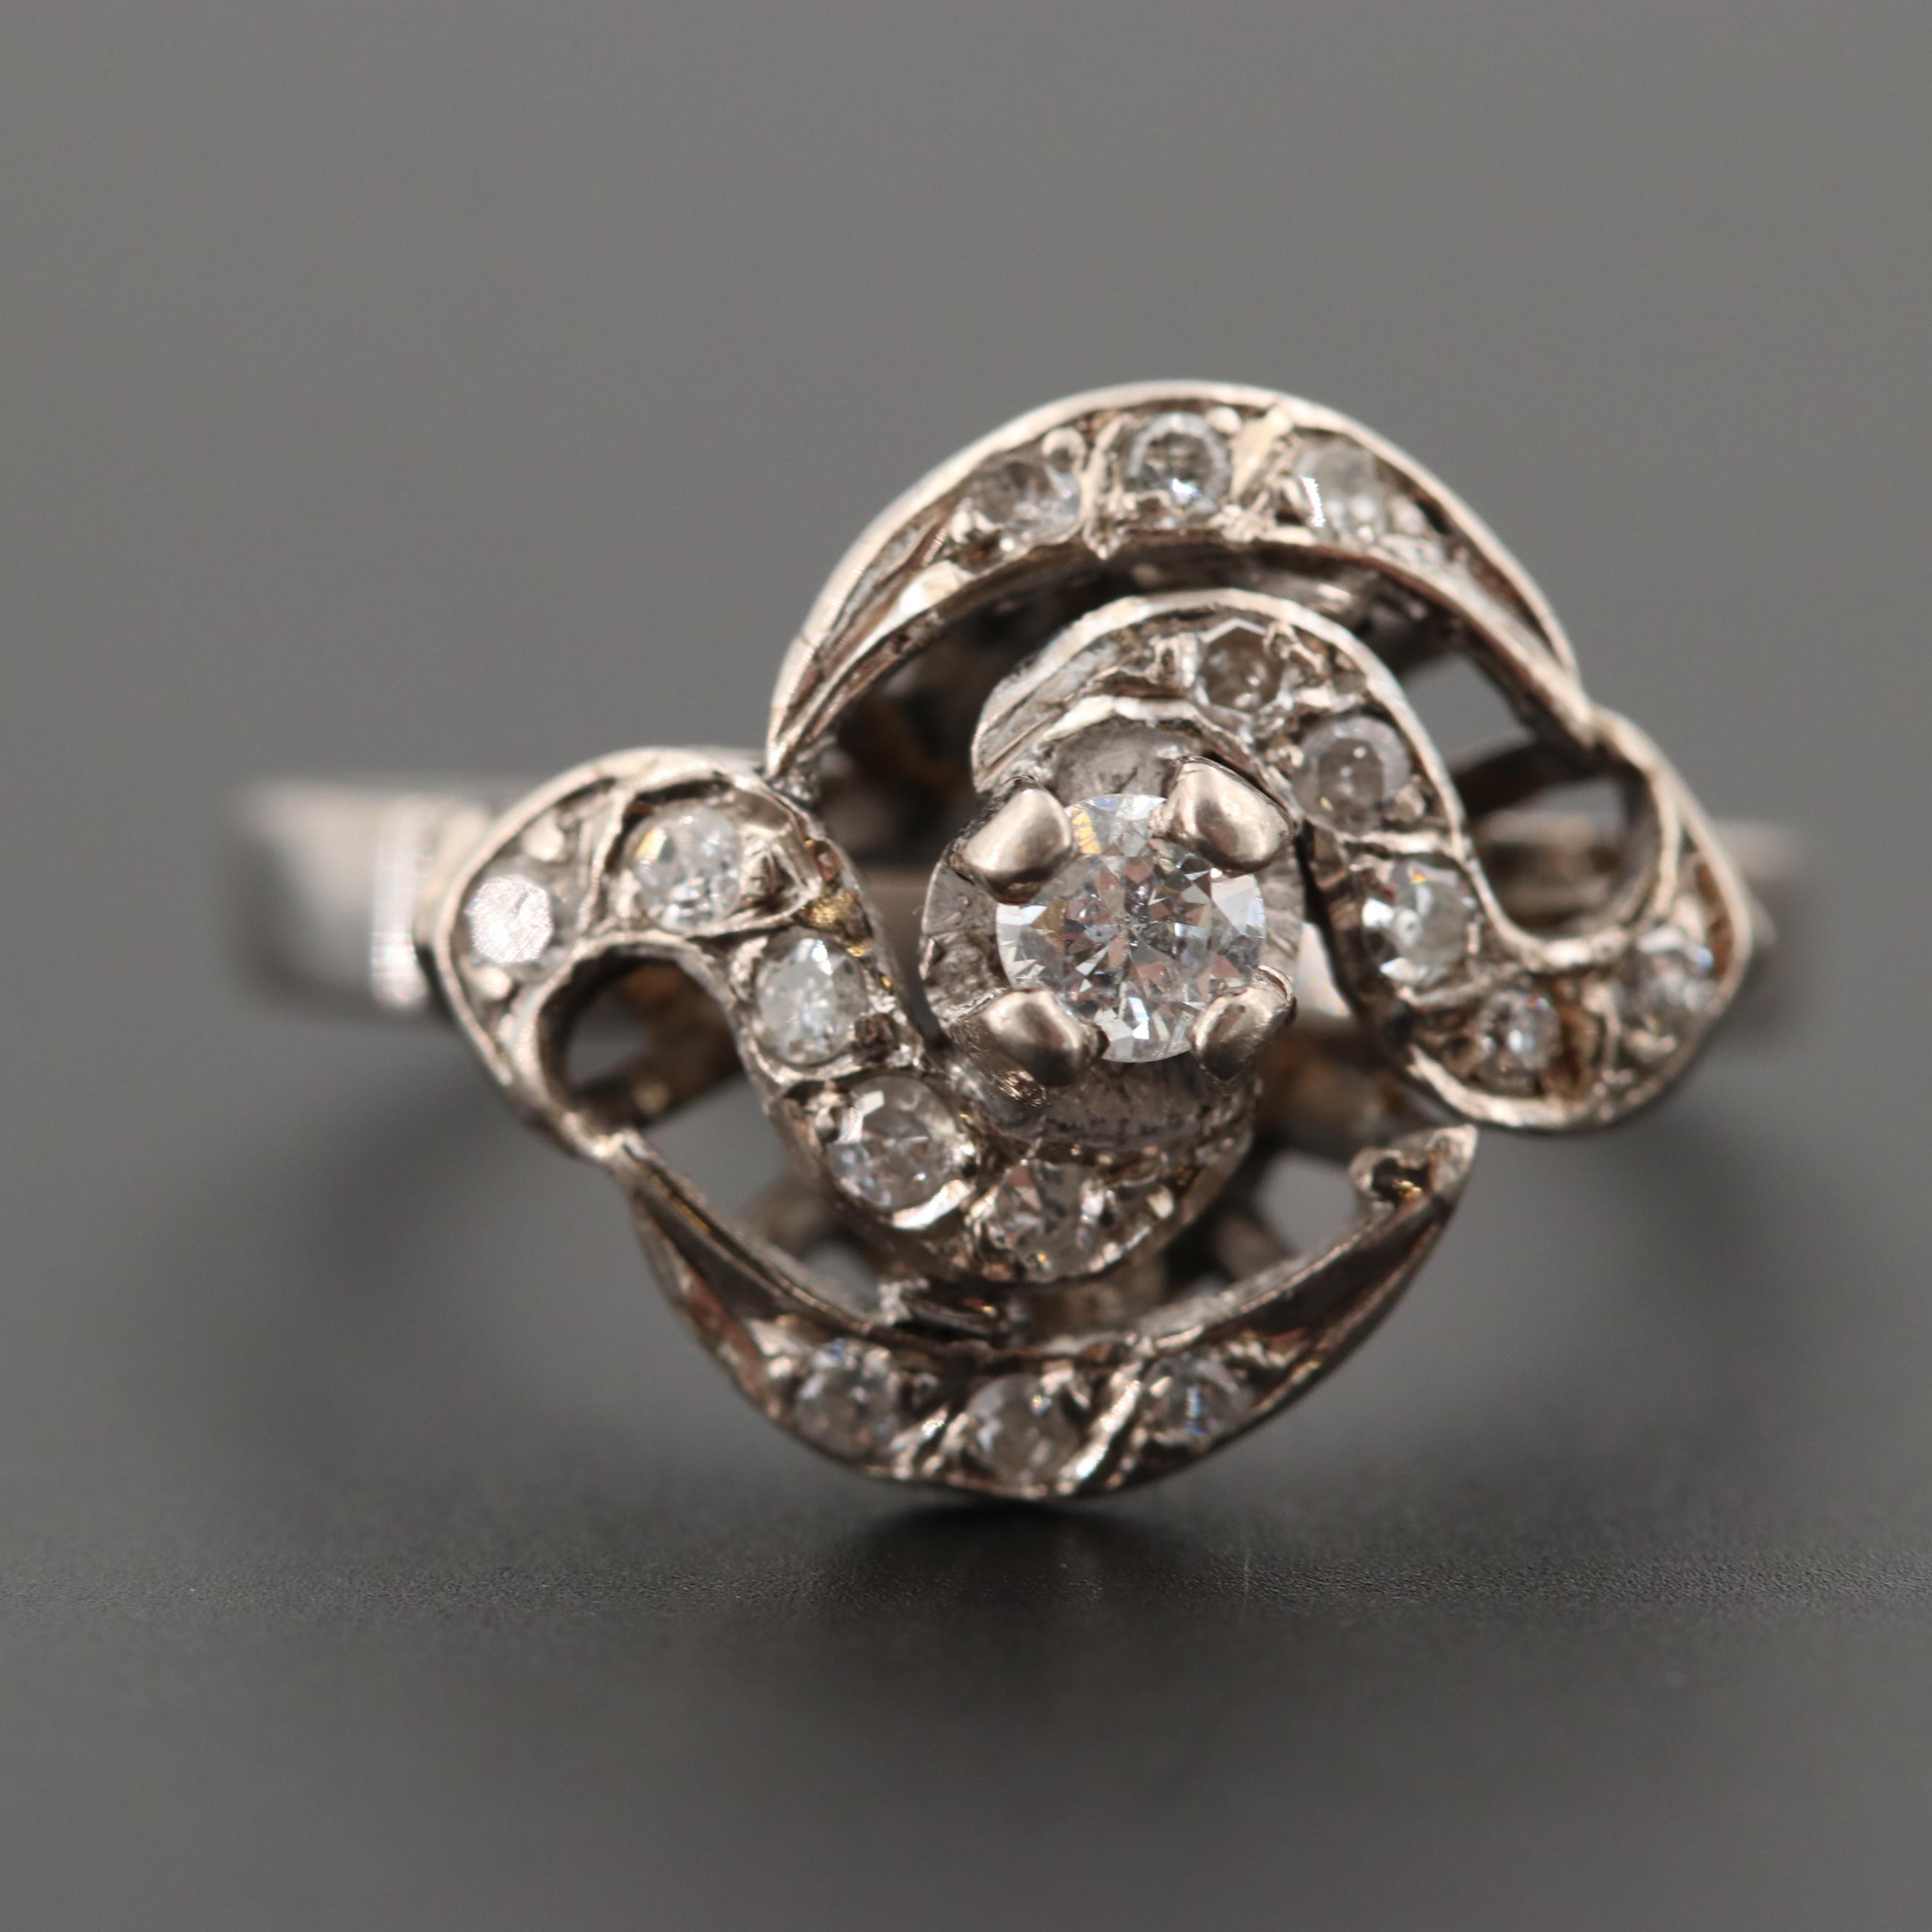 Circa 1940s 10K White Gold Diamond Ring